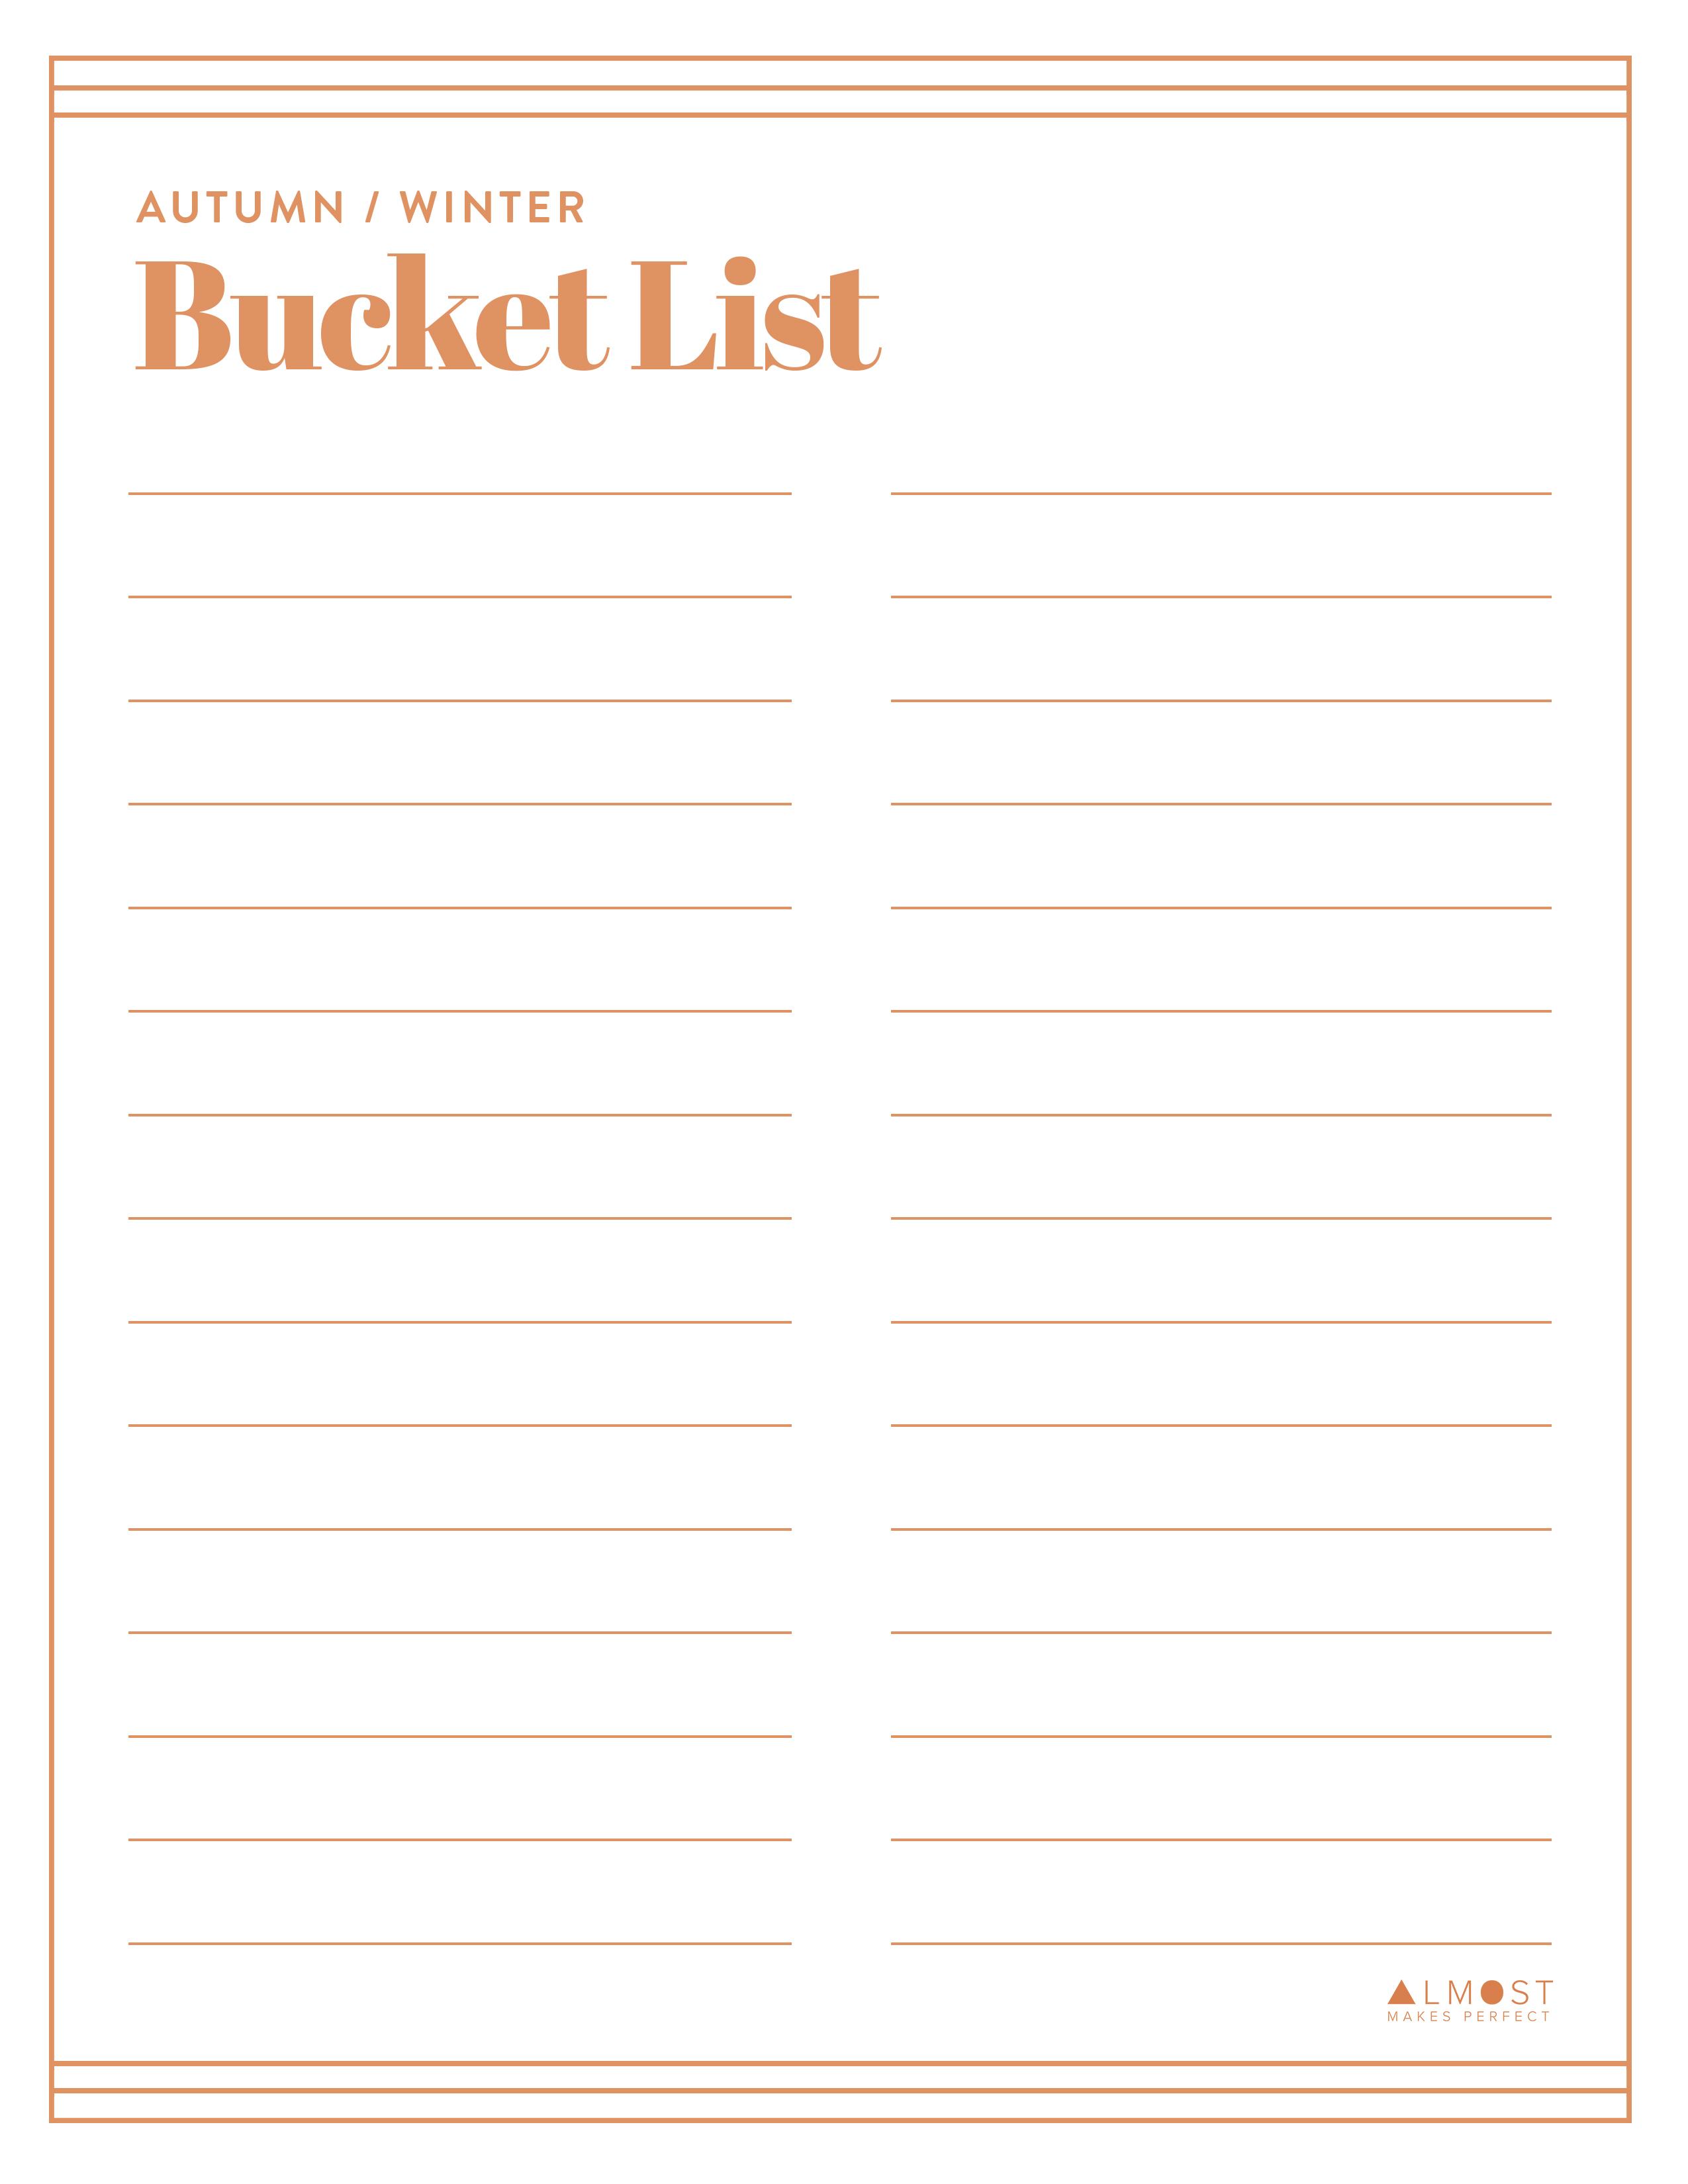 Printable Autumn Winter Bucket List